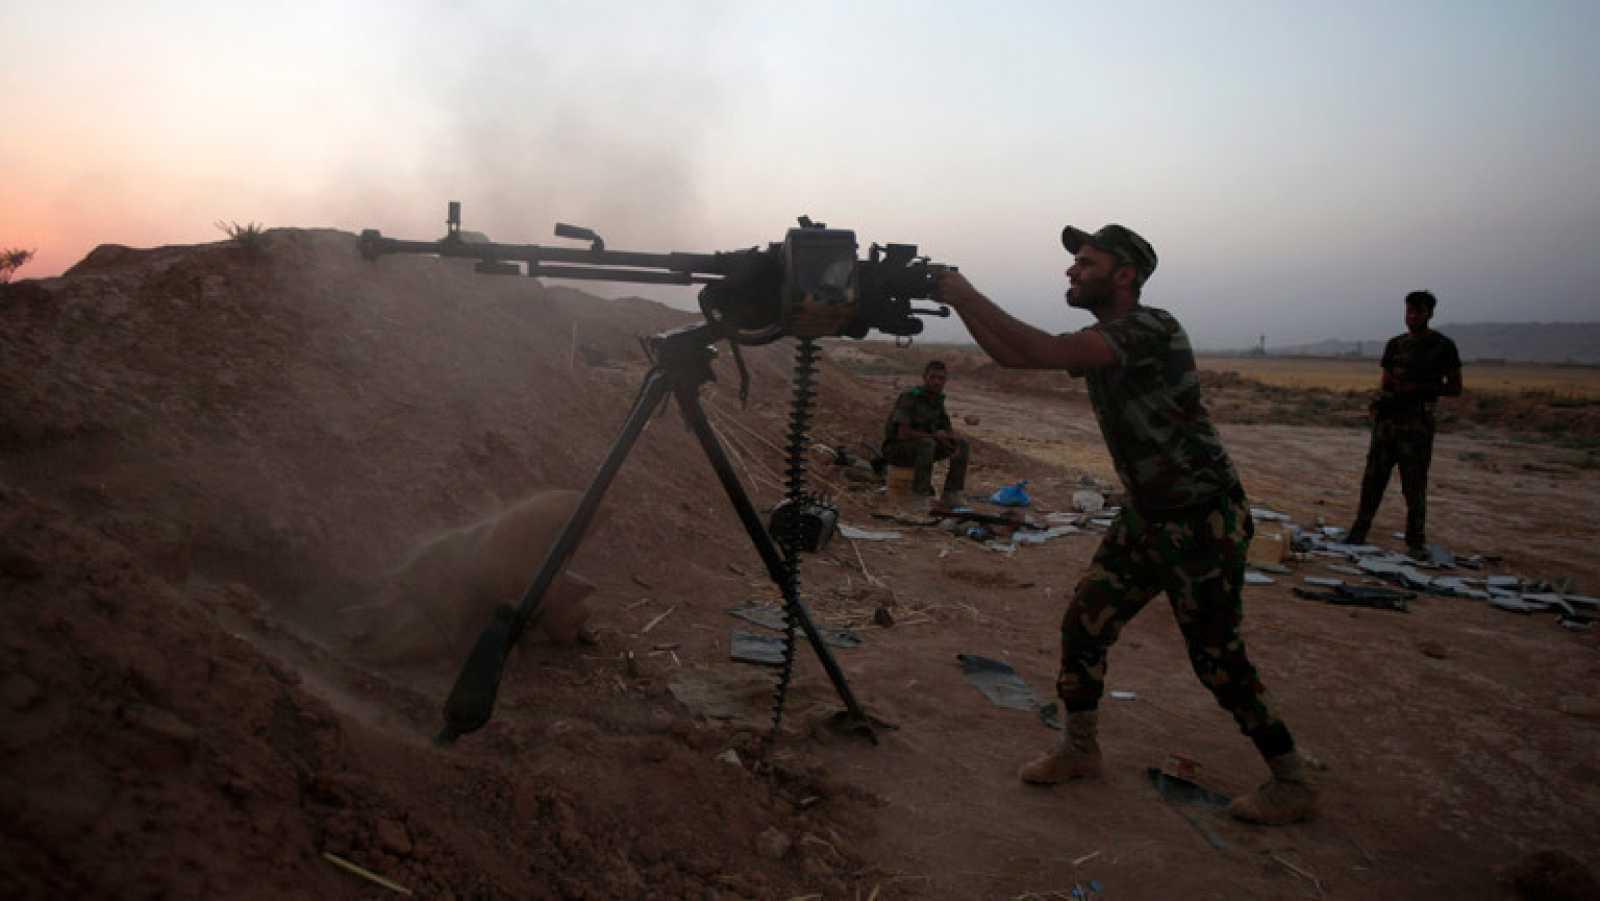 Alemania ha decidido entregar armas a los kurdos iraquíes